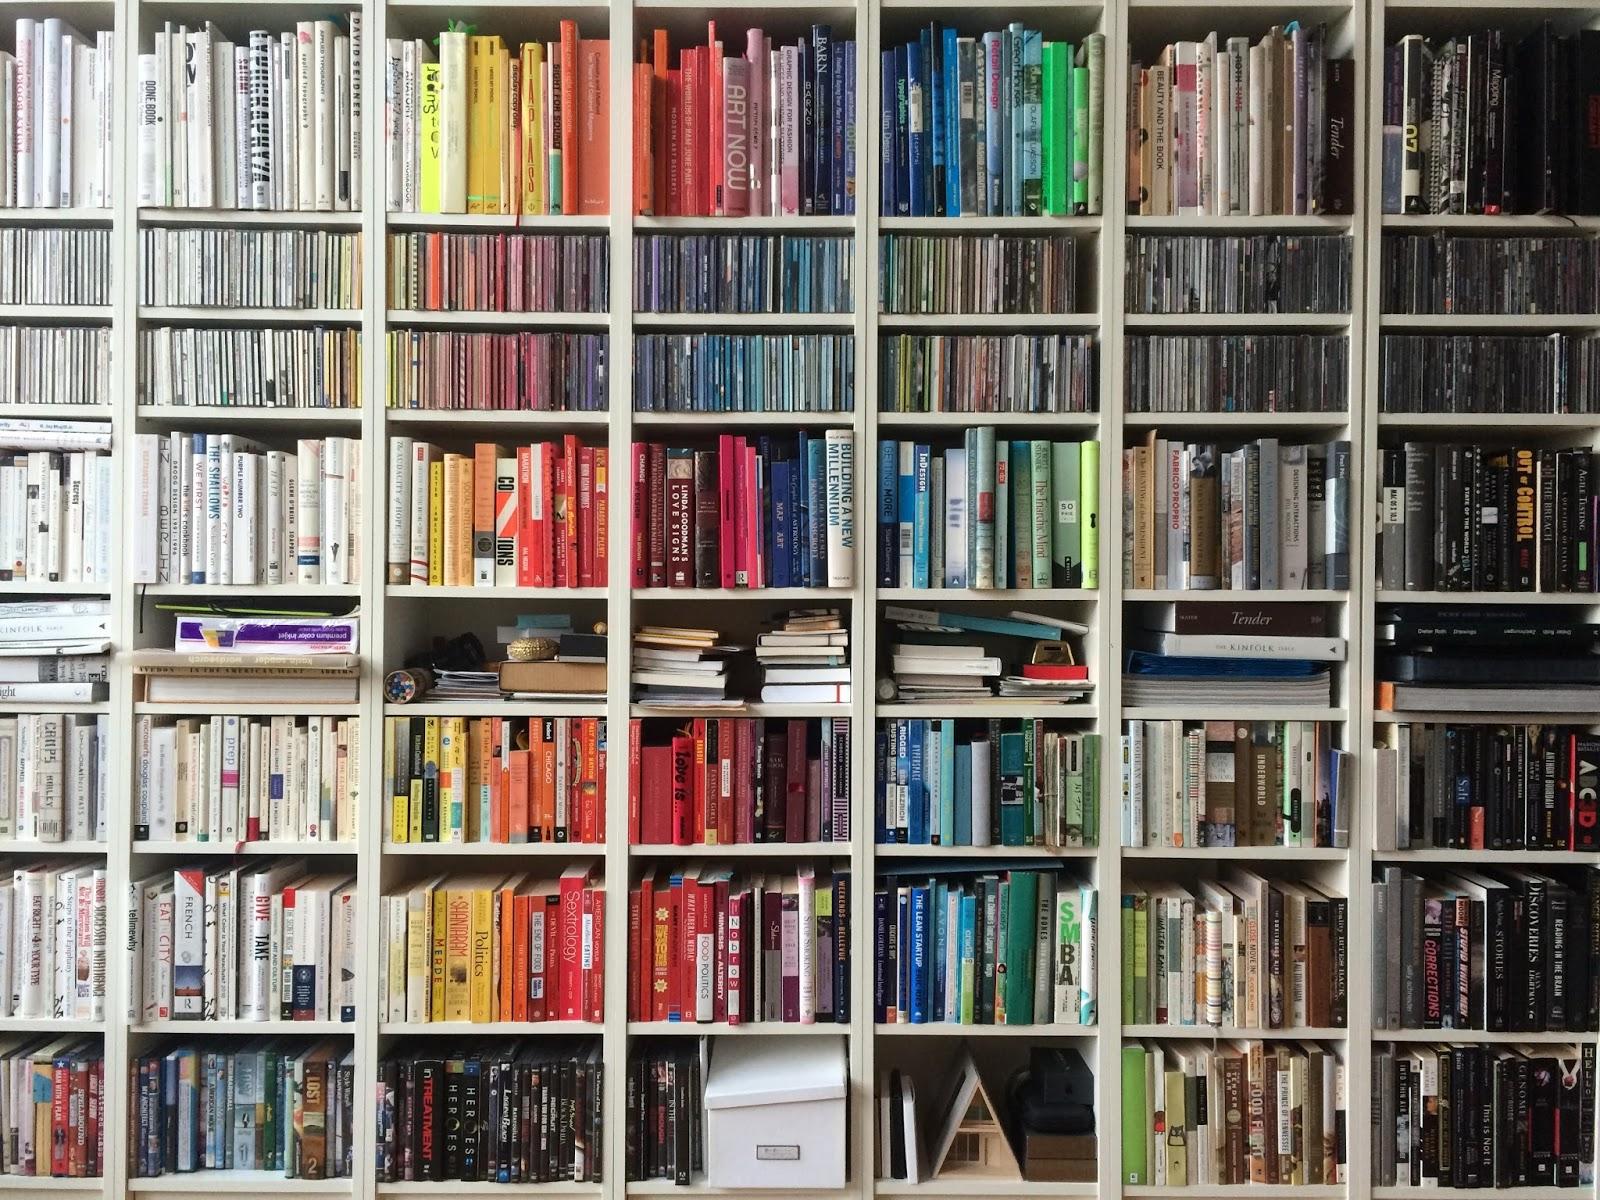 Libros y m s libros de colores en la estanter a for Estanterias para libros